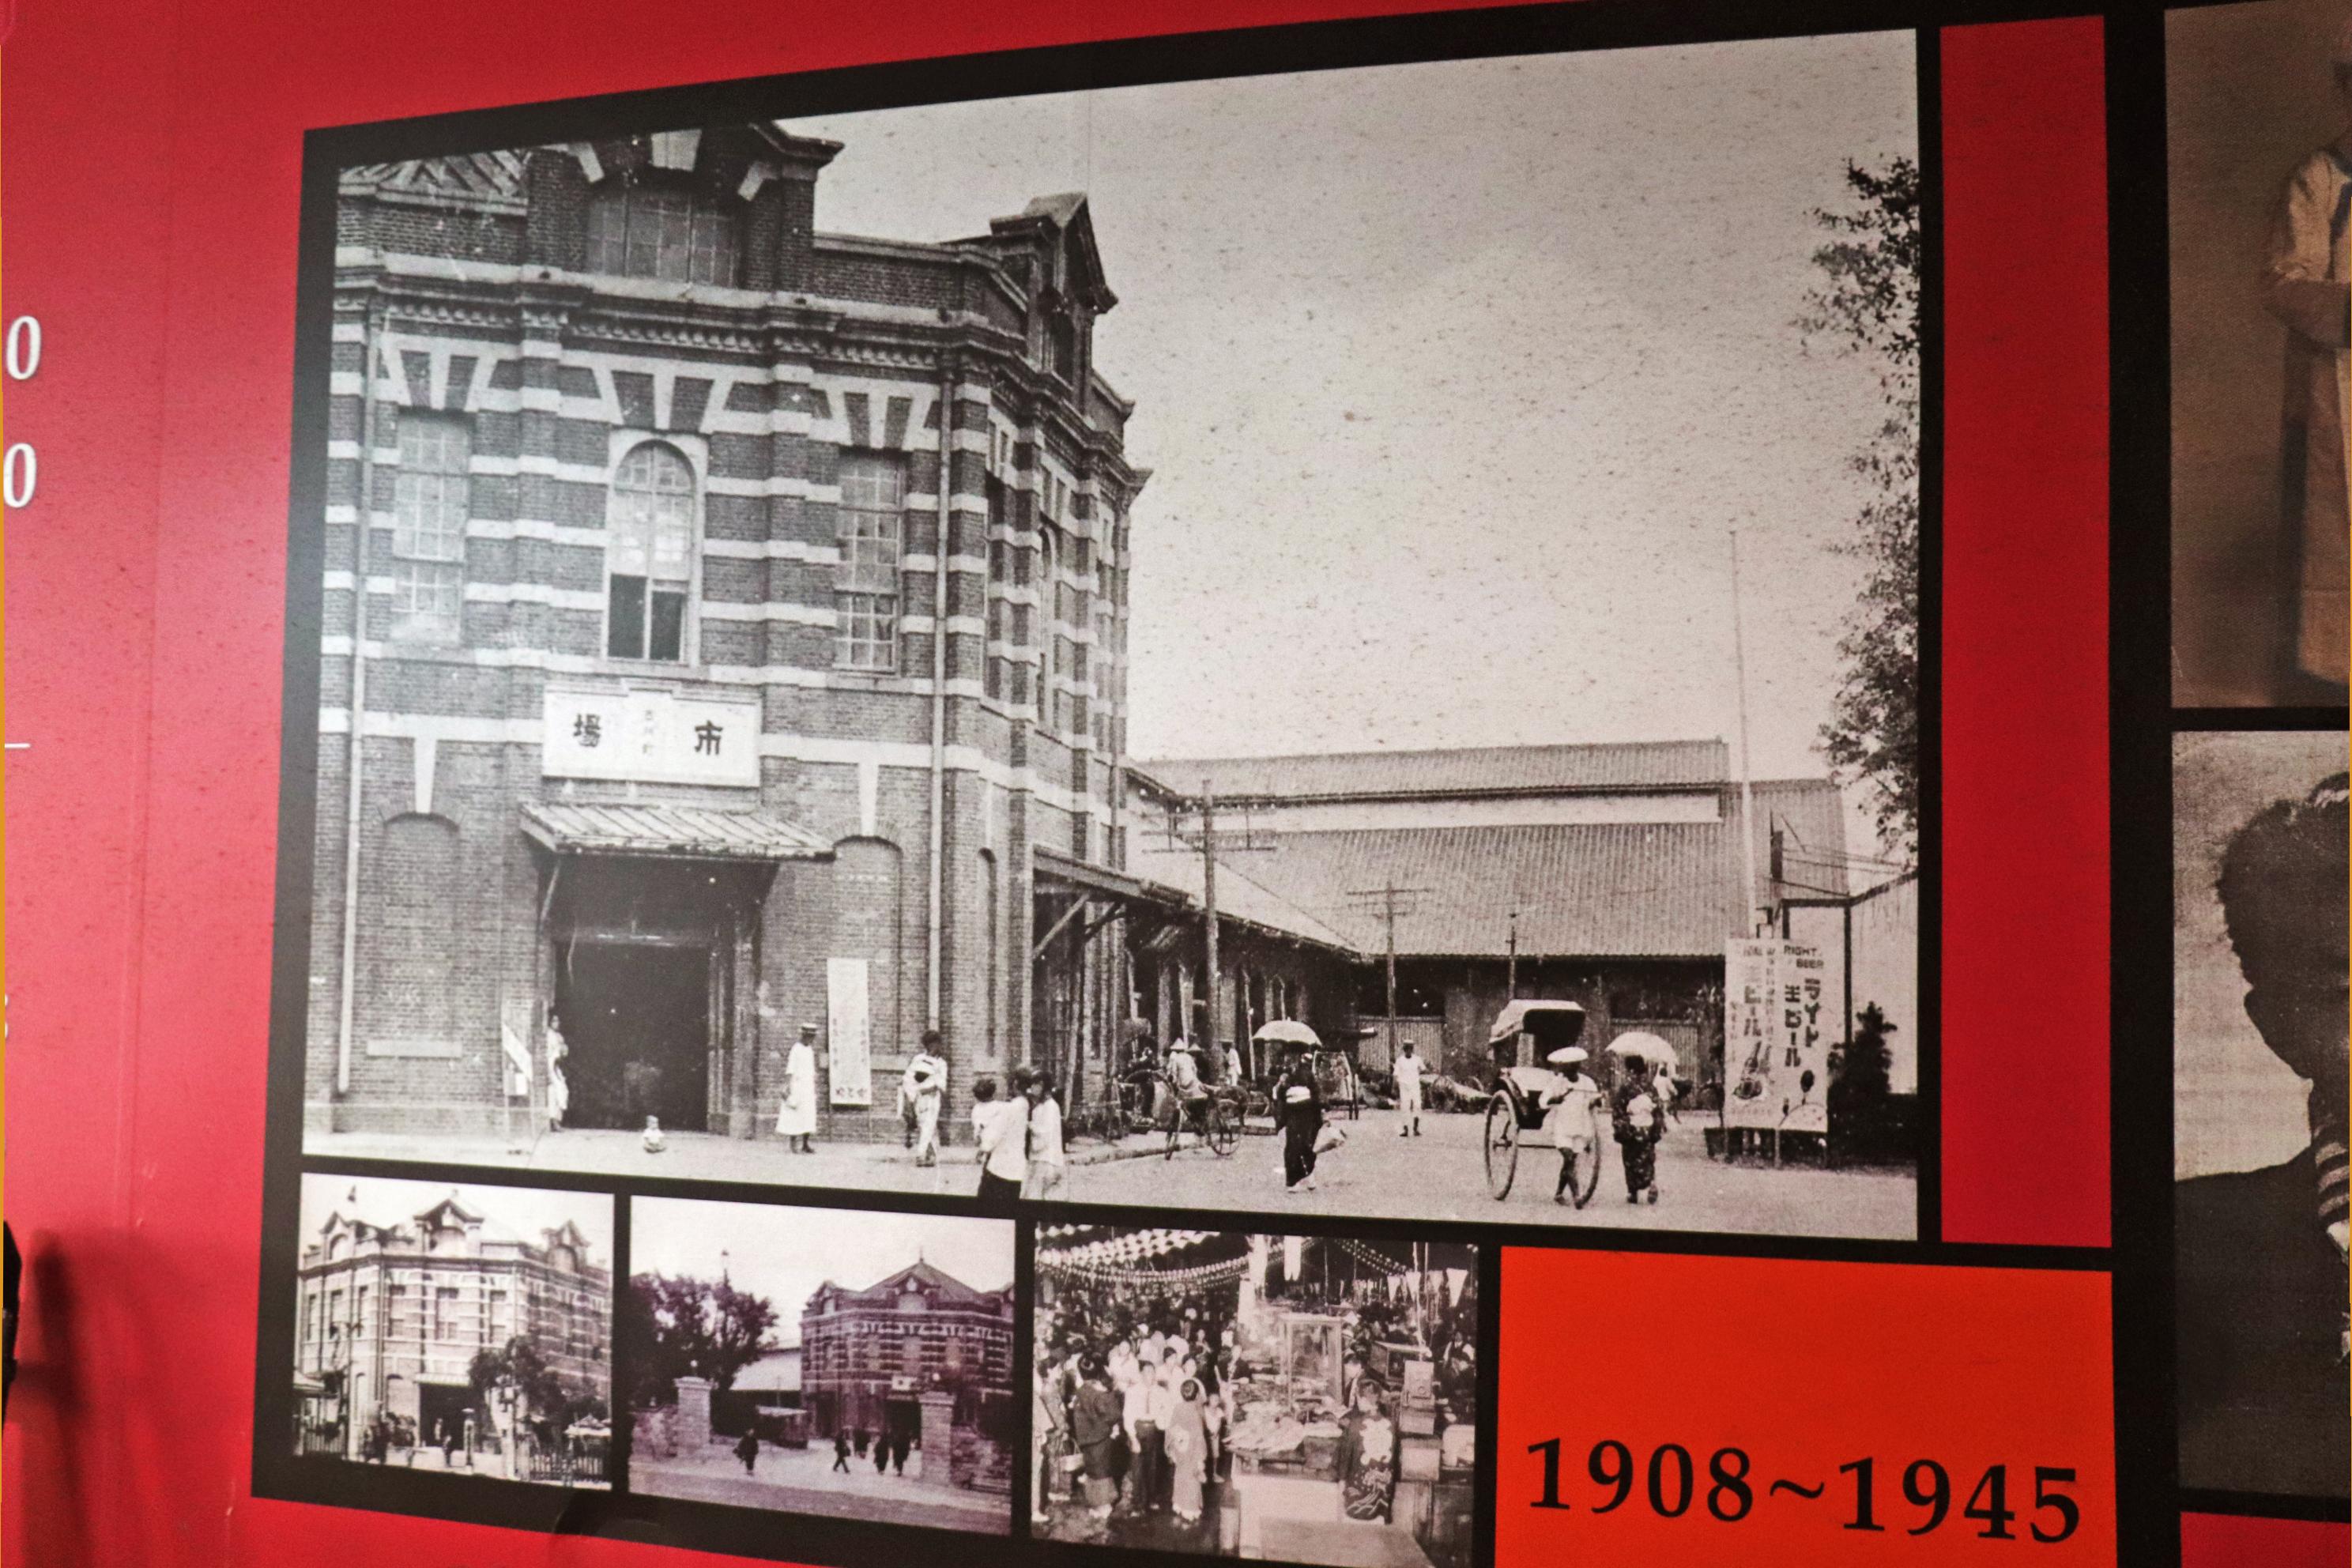 紅樓右側巷子內,展示了關於紅樓歷史的介紹,圖為西門紅樓的老影像。